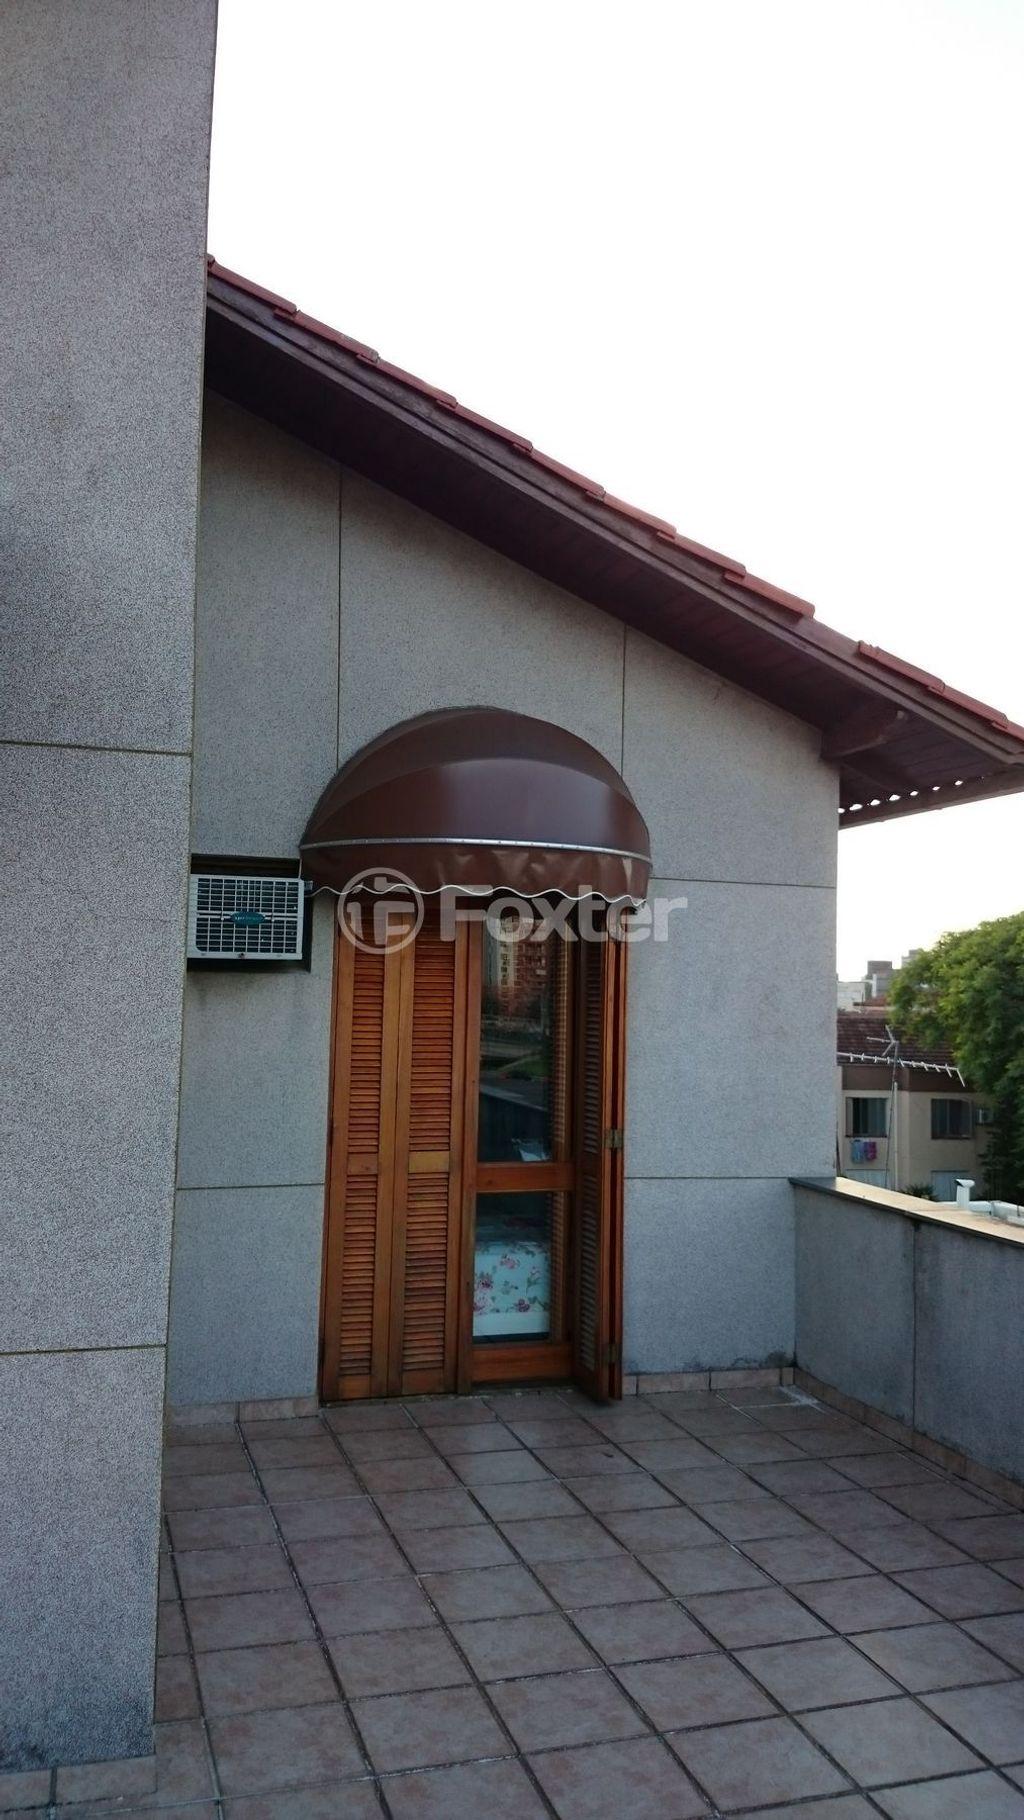 Foxter Imobiliária - Cobertura 3 Dorm (137279) - Foto 18